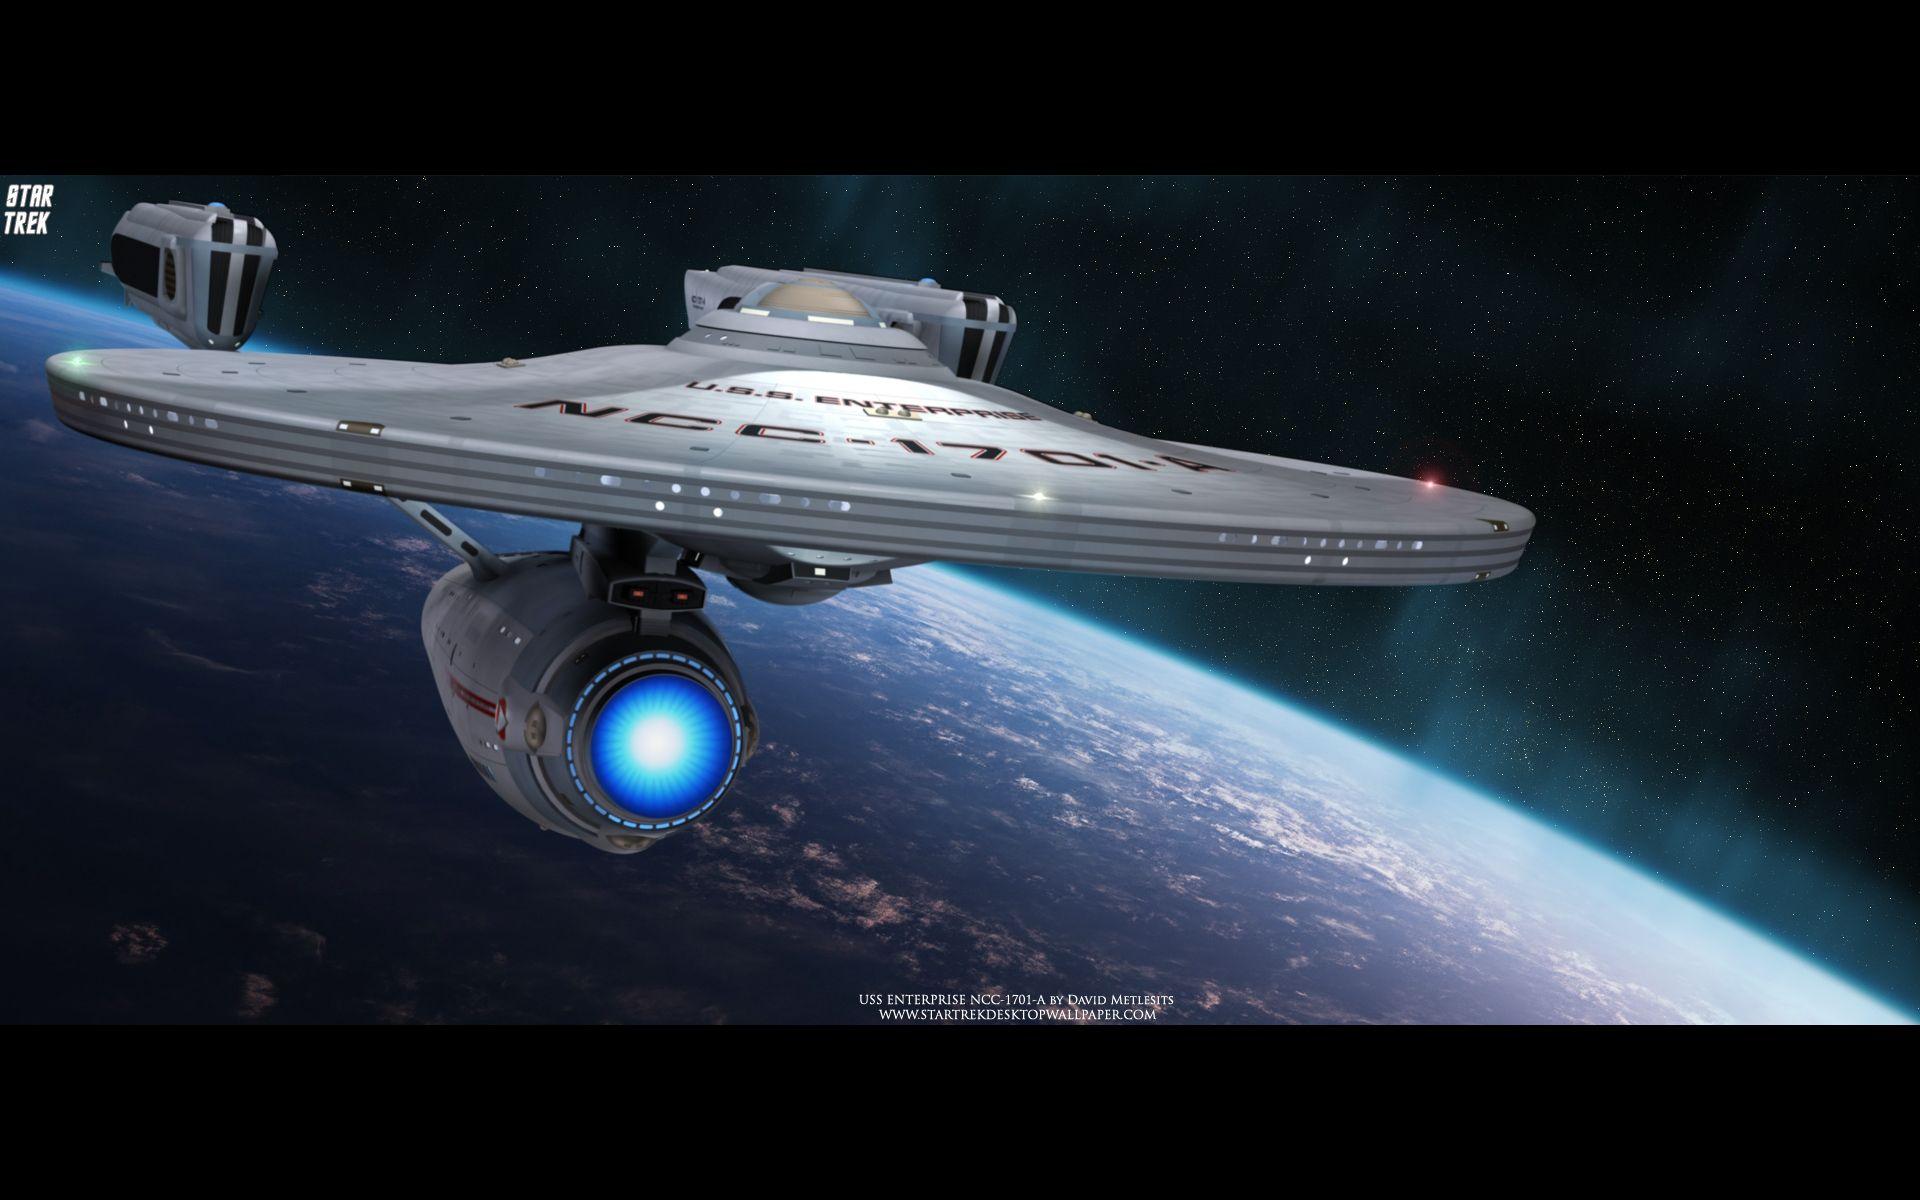 Star Trek Uss Enterprise Ncc 1701 A Free Star Trek Computer Desktop Wallpaper Star Trek Wallpaper Star Trek Starships Starship Enterprise